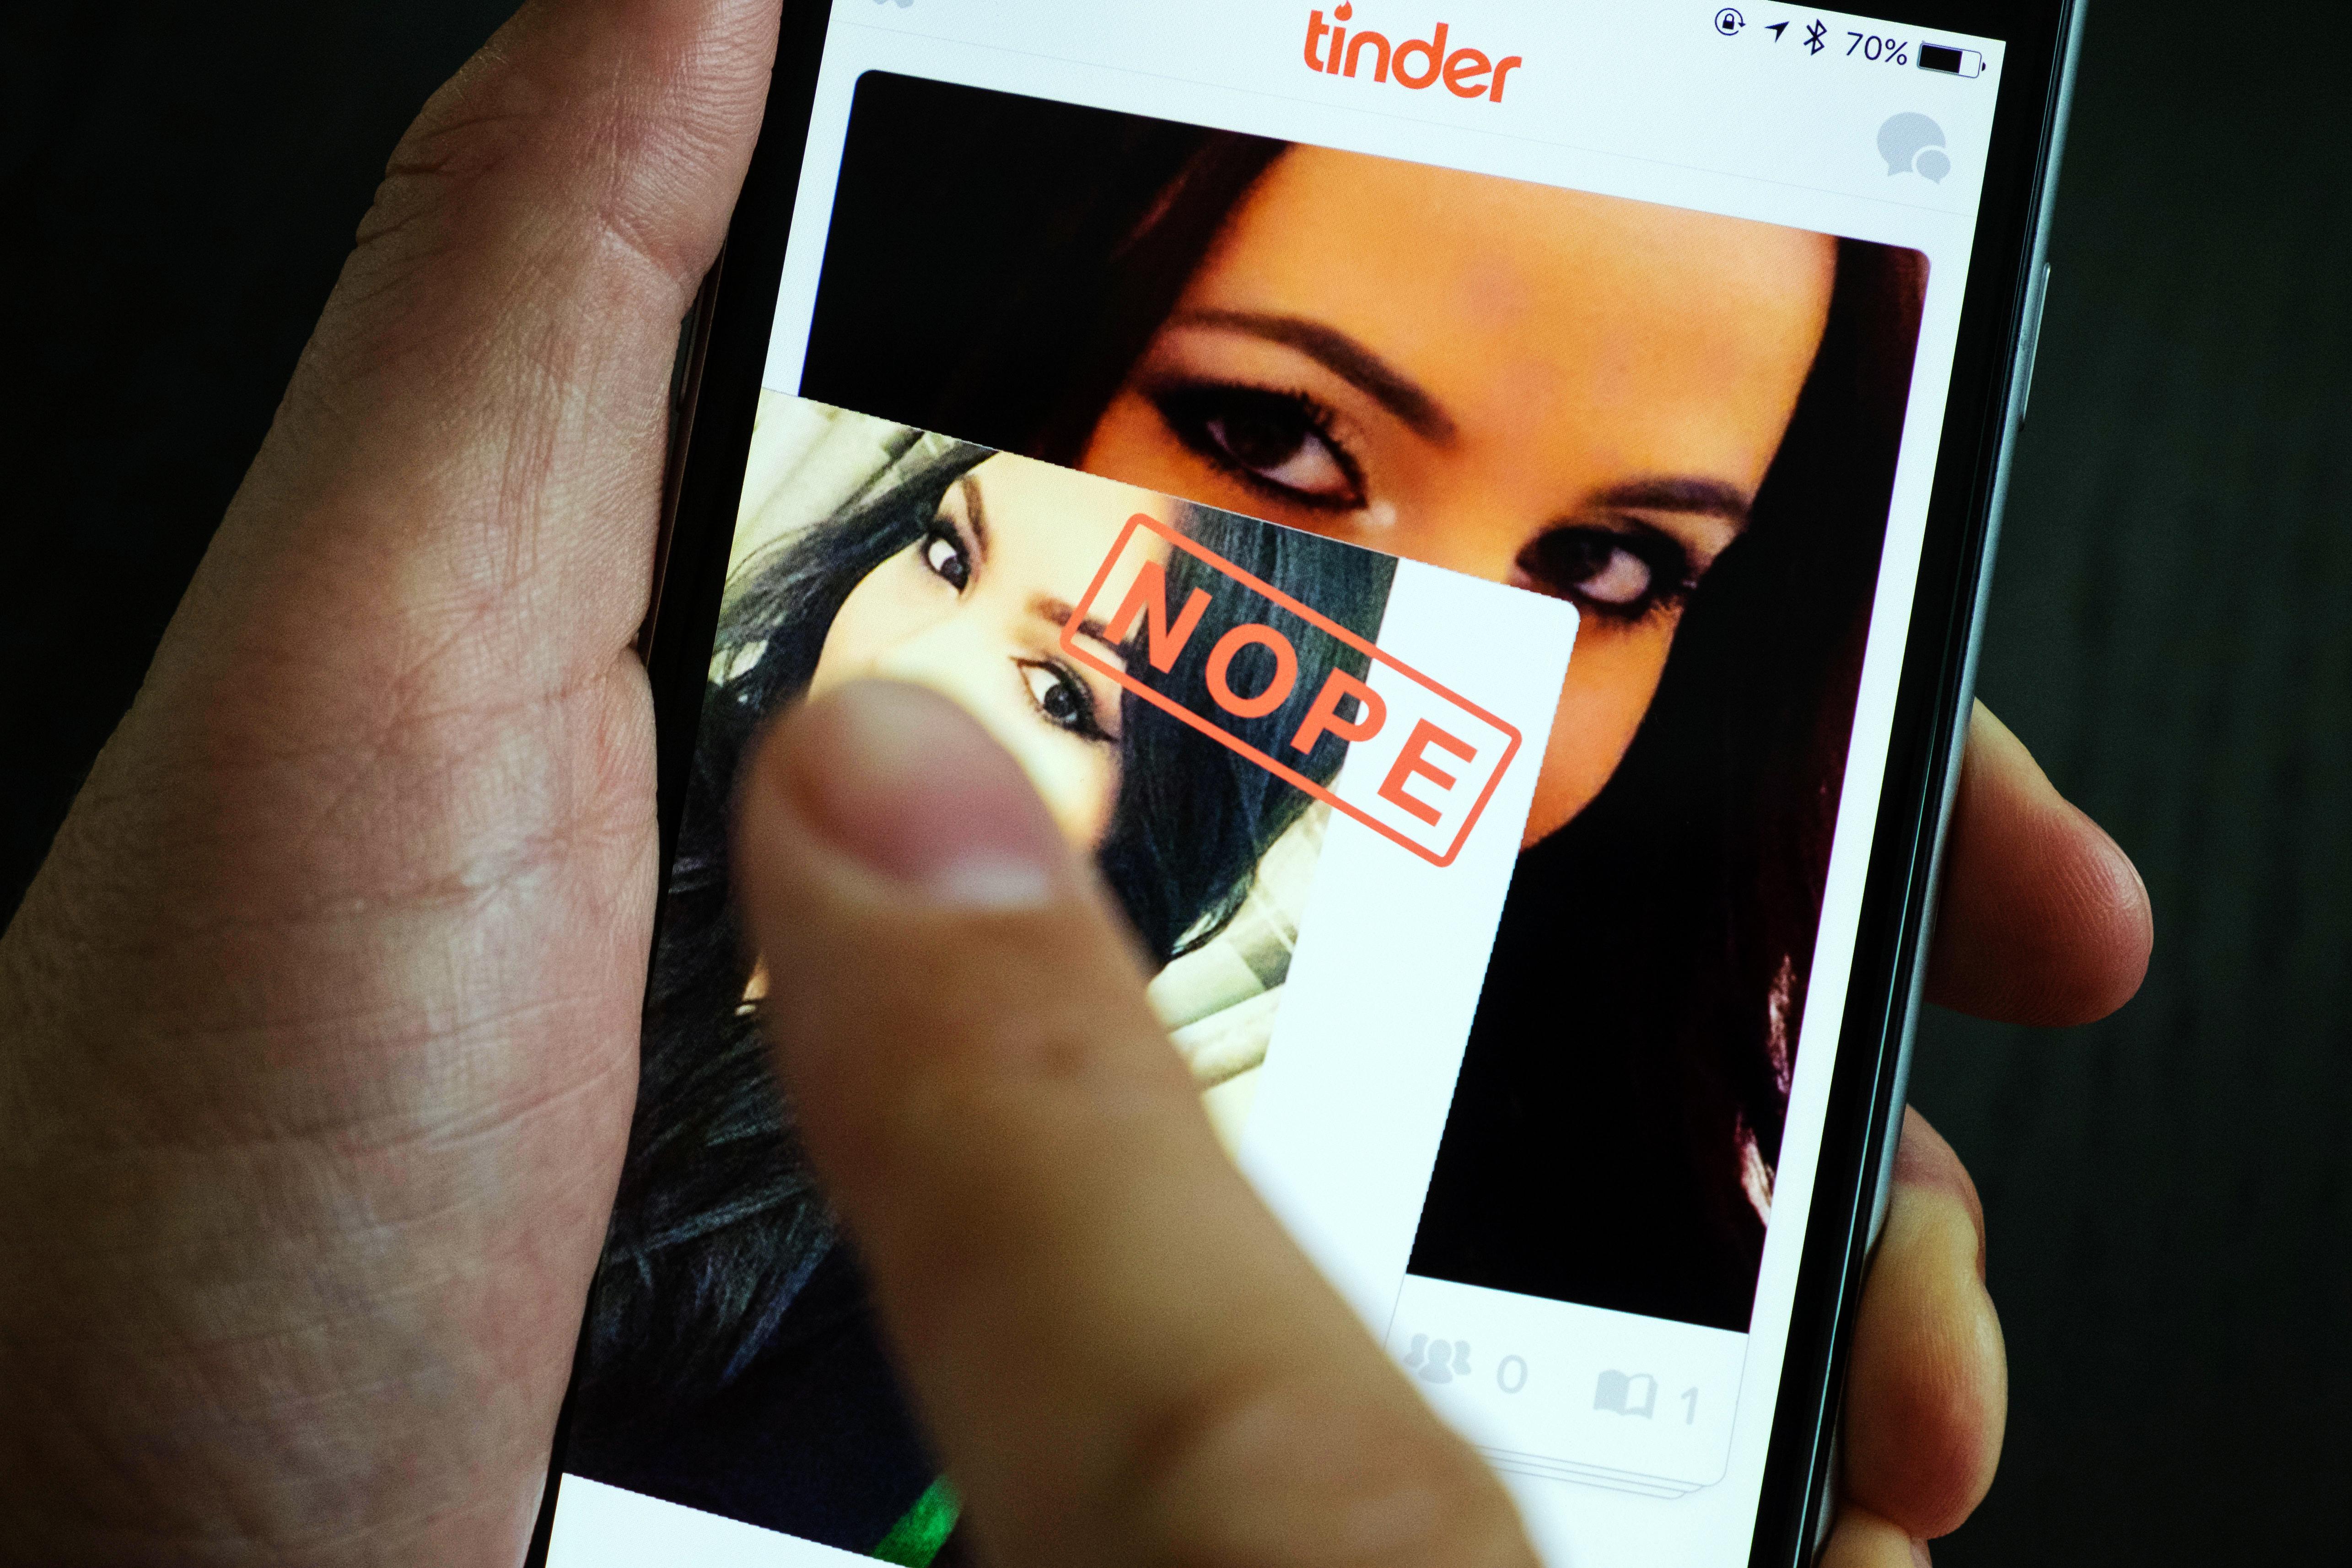 Dangers of online hookup statistics canada